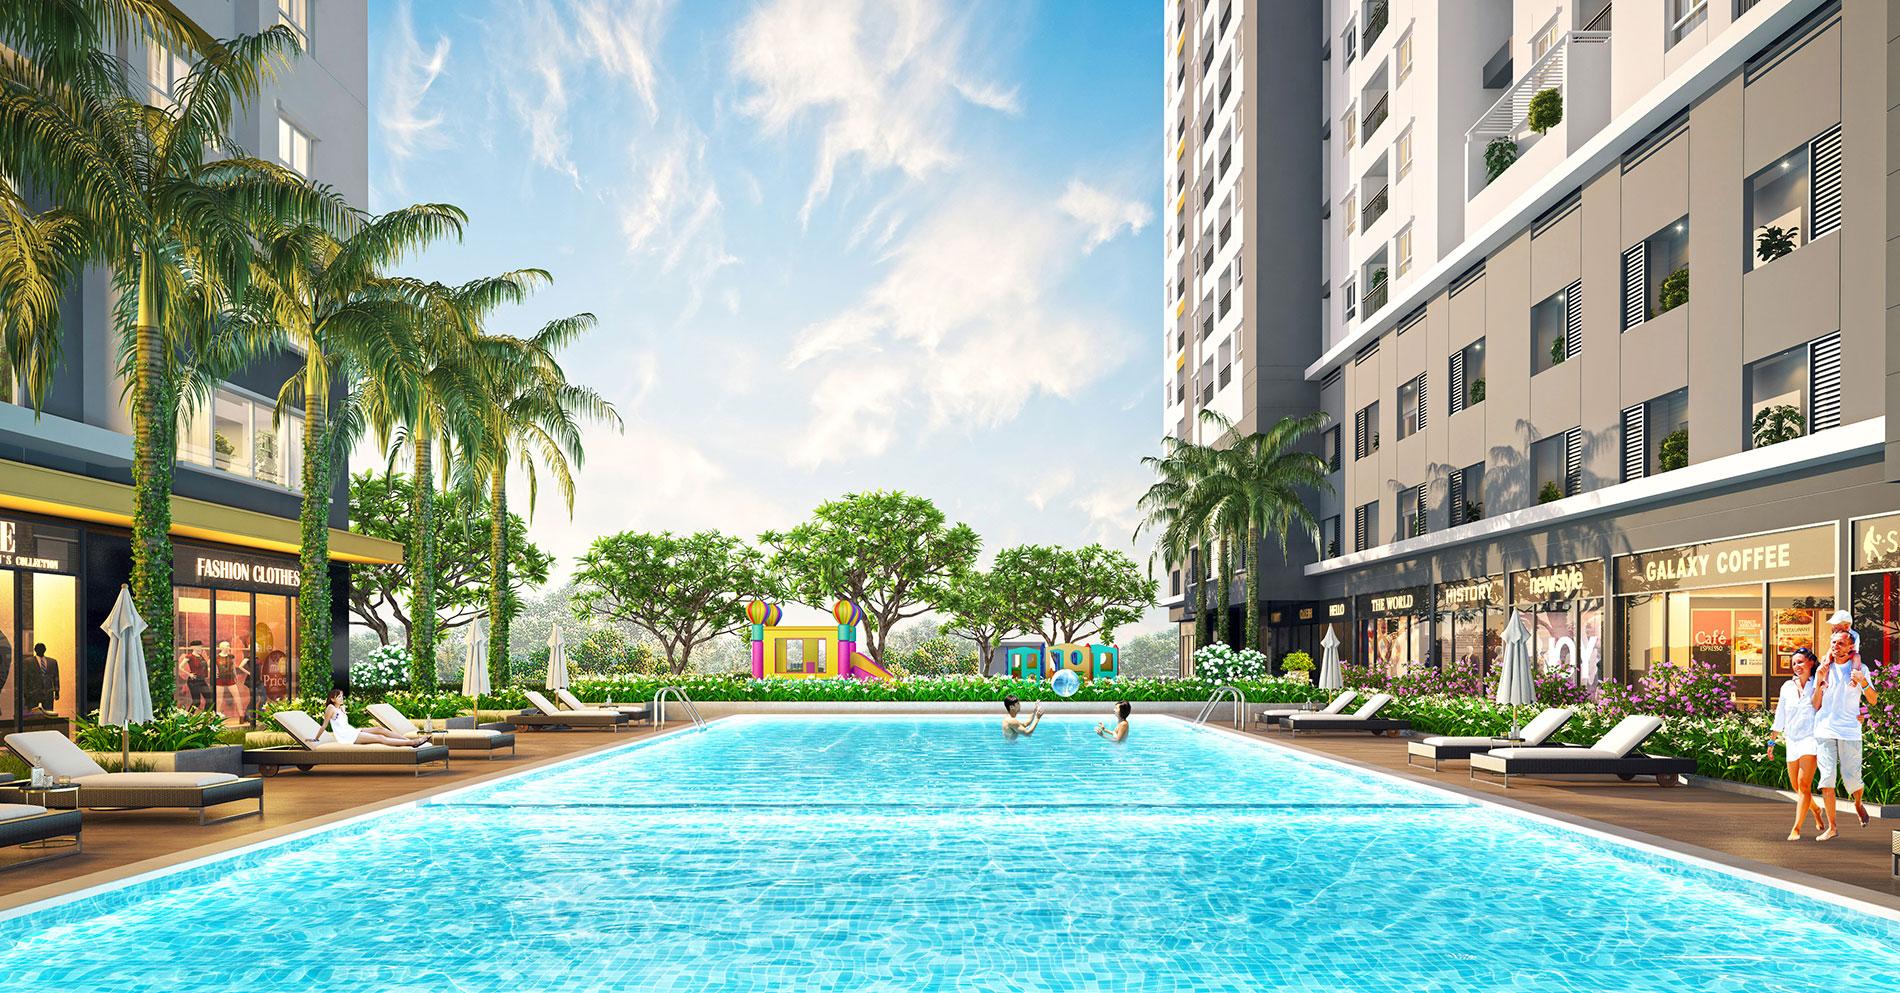 Dự án Căn hộ Moonlight Park View quận Bình Tân nằm trọn trong lòng đô thị khu Tây và thừa hưởng những tiện ích hàng đầu đẳng cấp